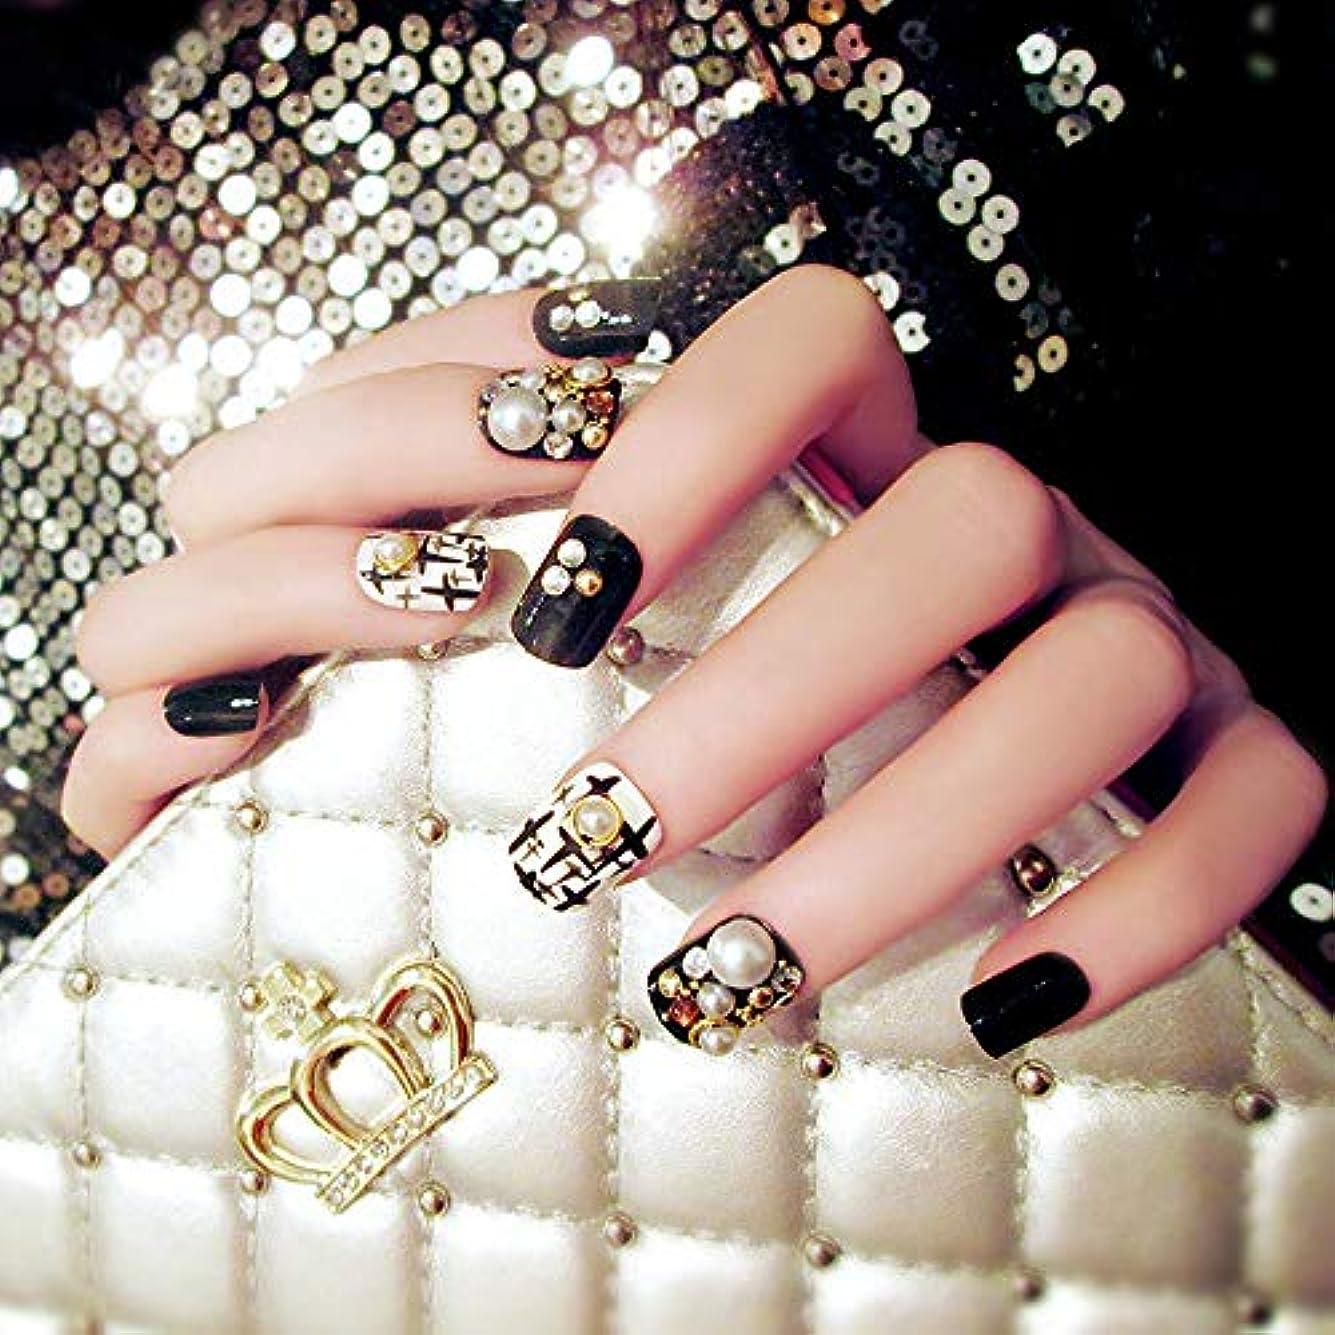 リネン反対したやりがいのある24本の高品質の美しい偽の黒い爪白真珠のデザイン偽の爪のヒントは偽の爪をカバー